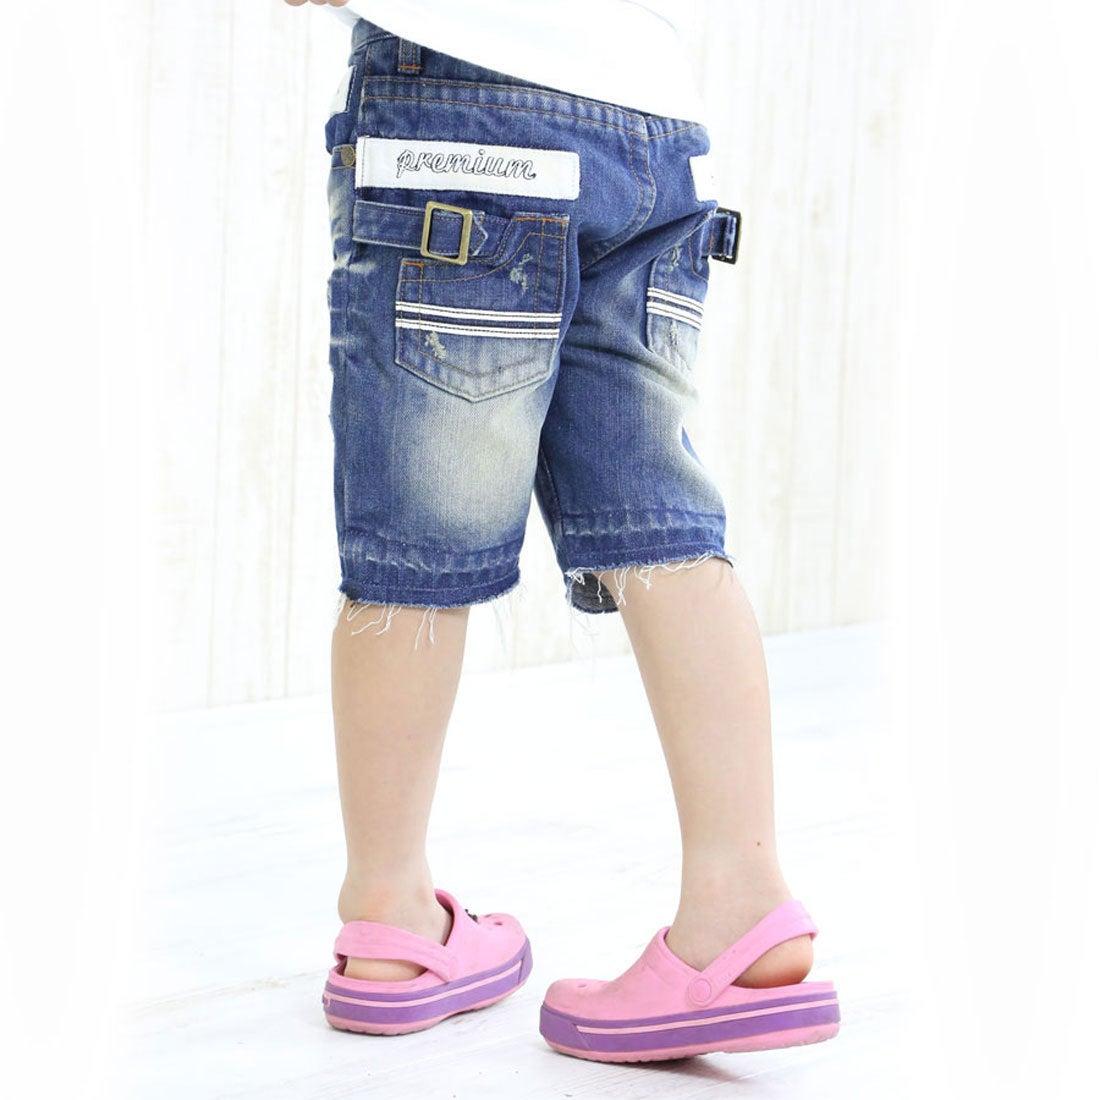 7bd1a169072fc クラシカルエルフ Classical Elf キッズデニムショートパンツ子供服 男の子 女の子 (インディゴ) -靴&ファッション通販  ロコンド〜自宅で試着、気軽に返品